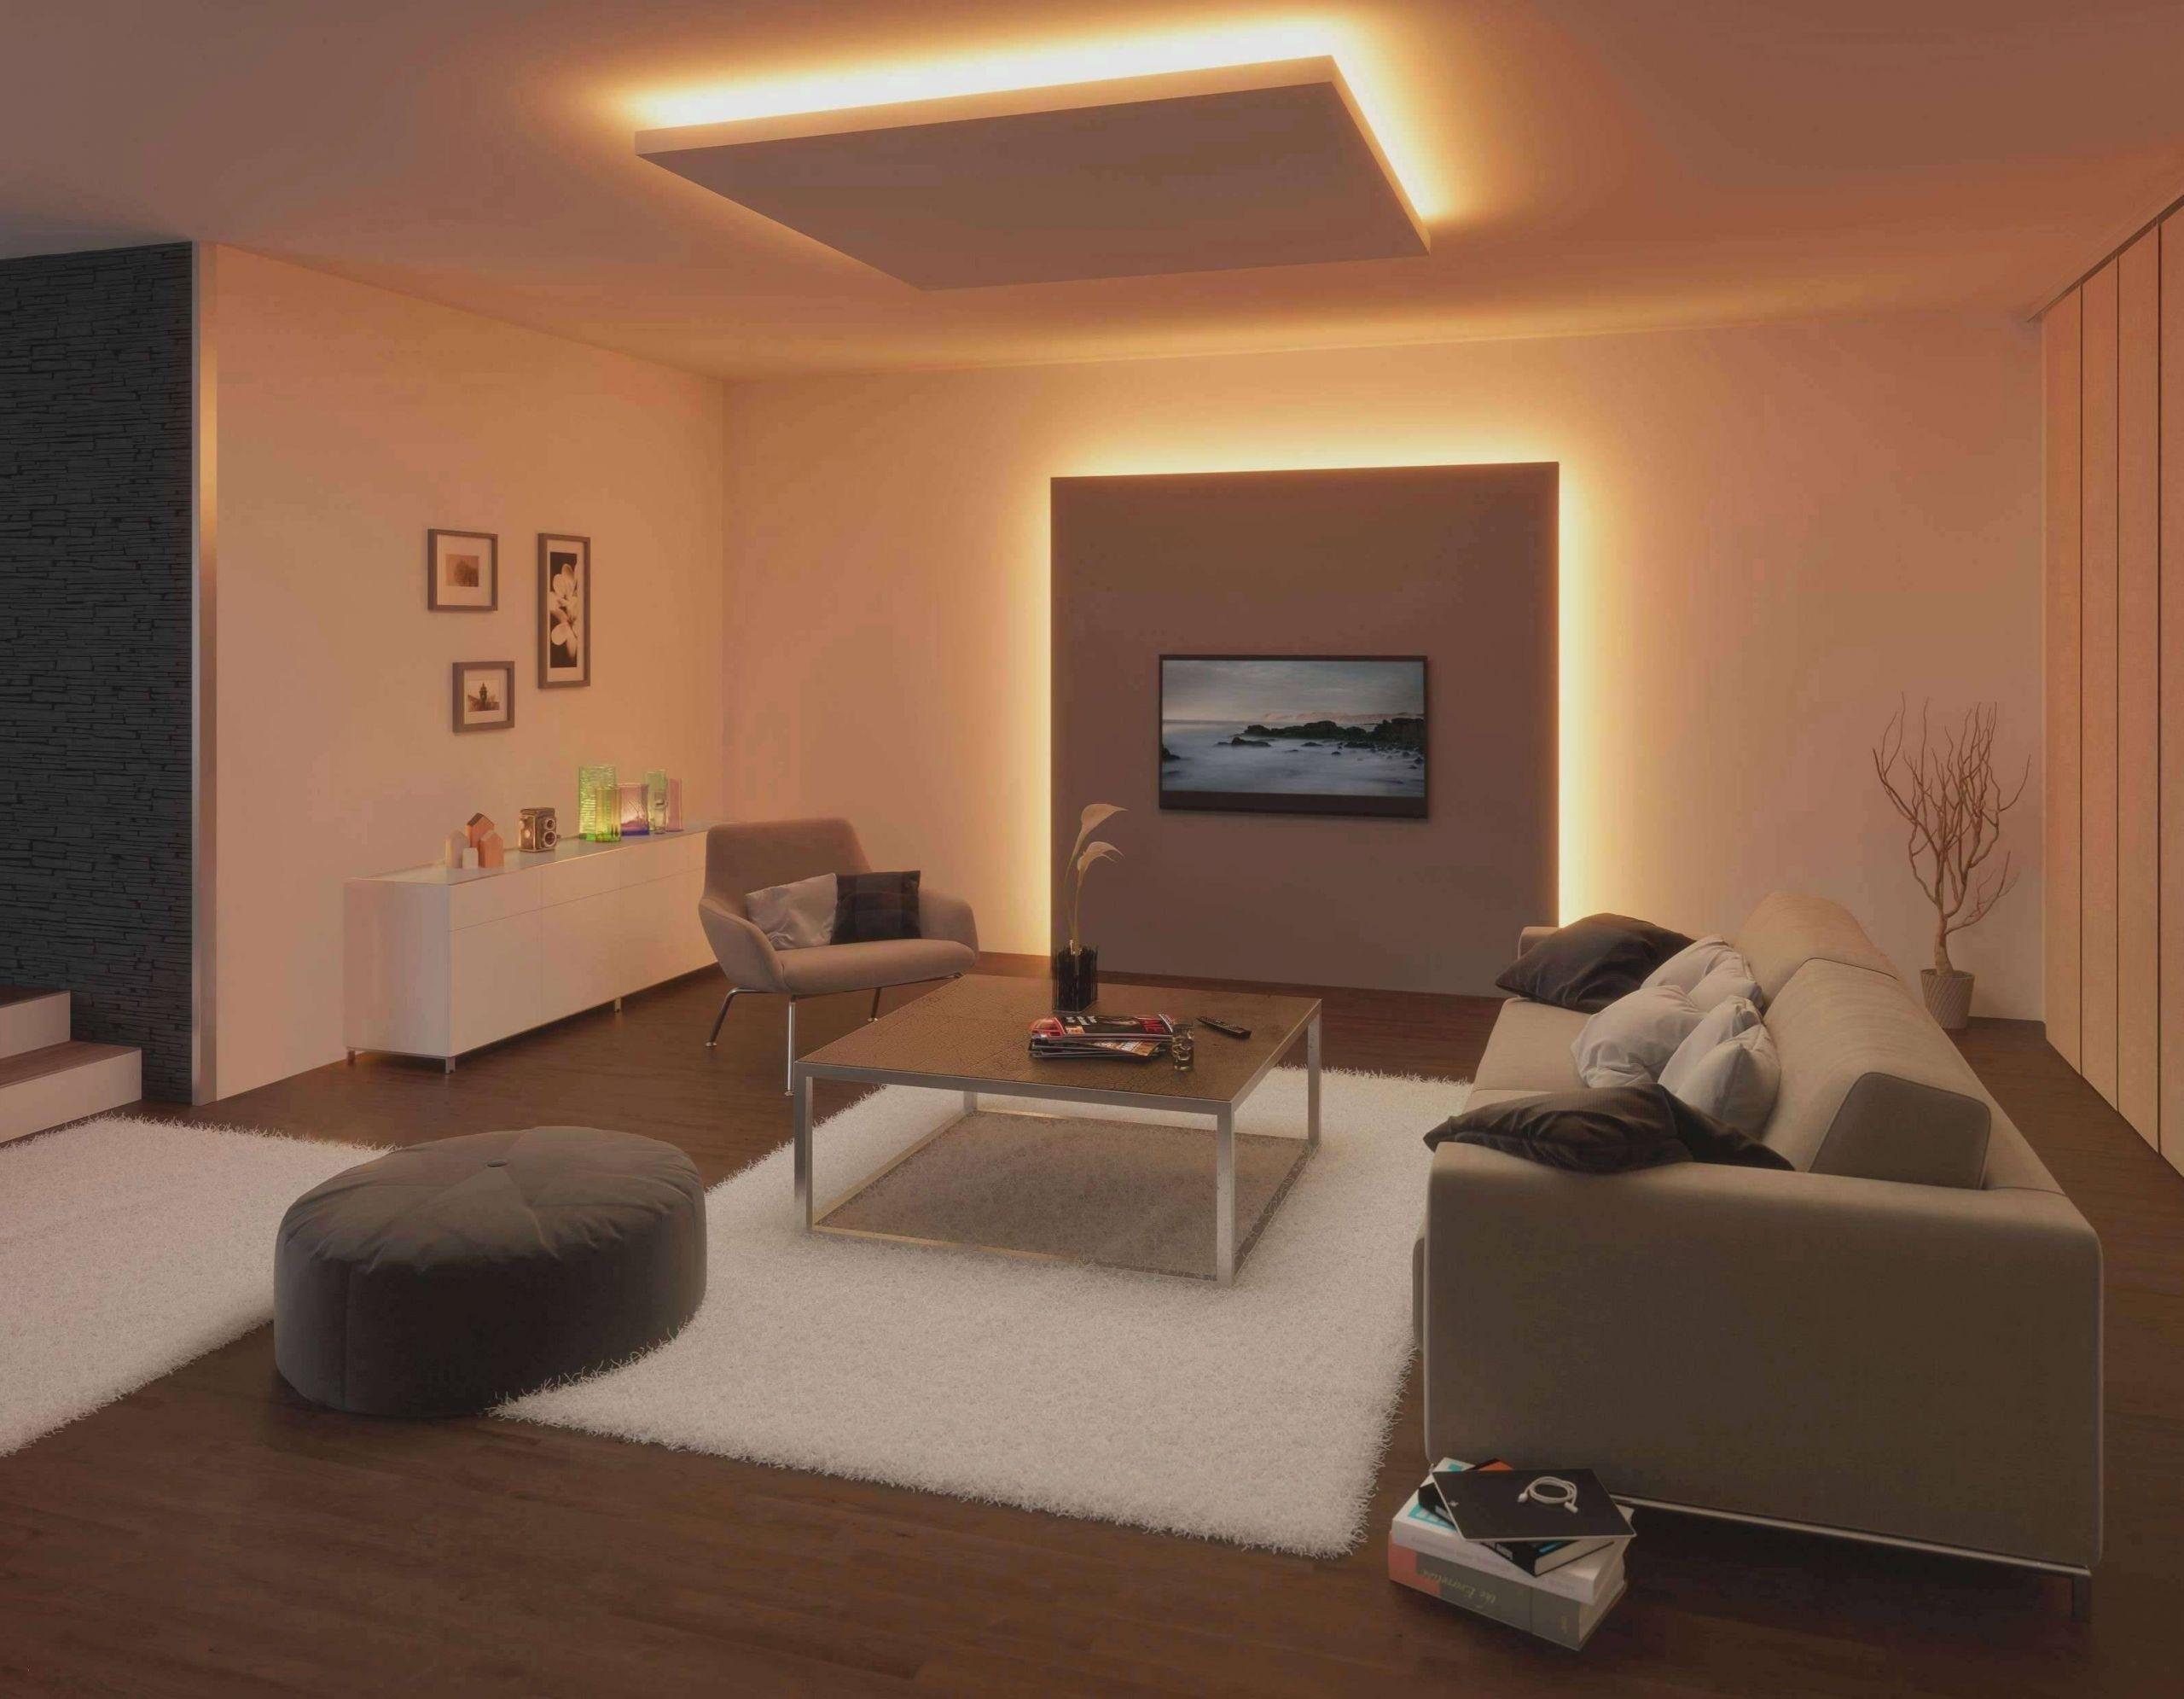 verruckte wohnzimmer ideen frisch 45 kollektion balkon gestalten tipps stock of verruckte wohnzimmer ideen